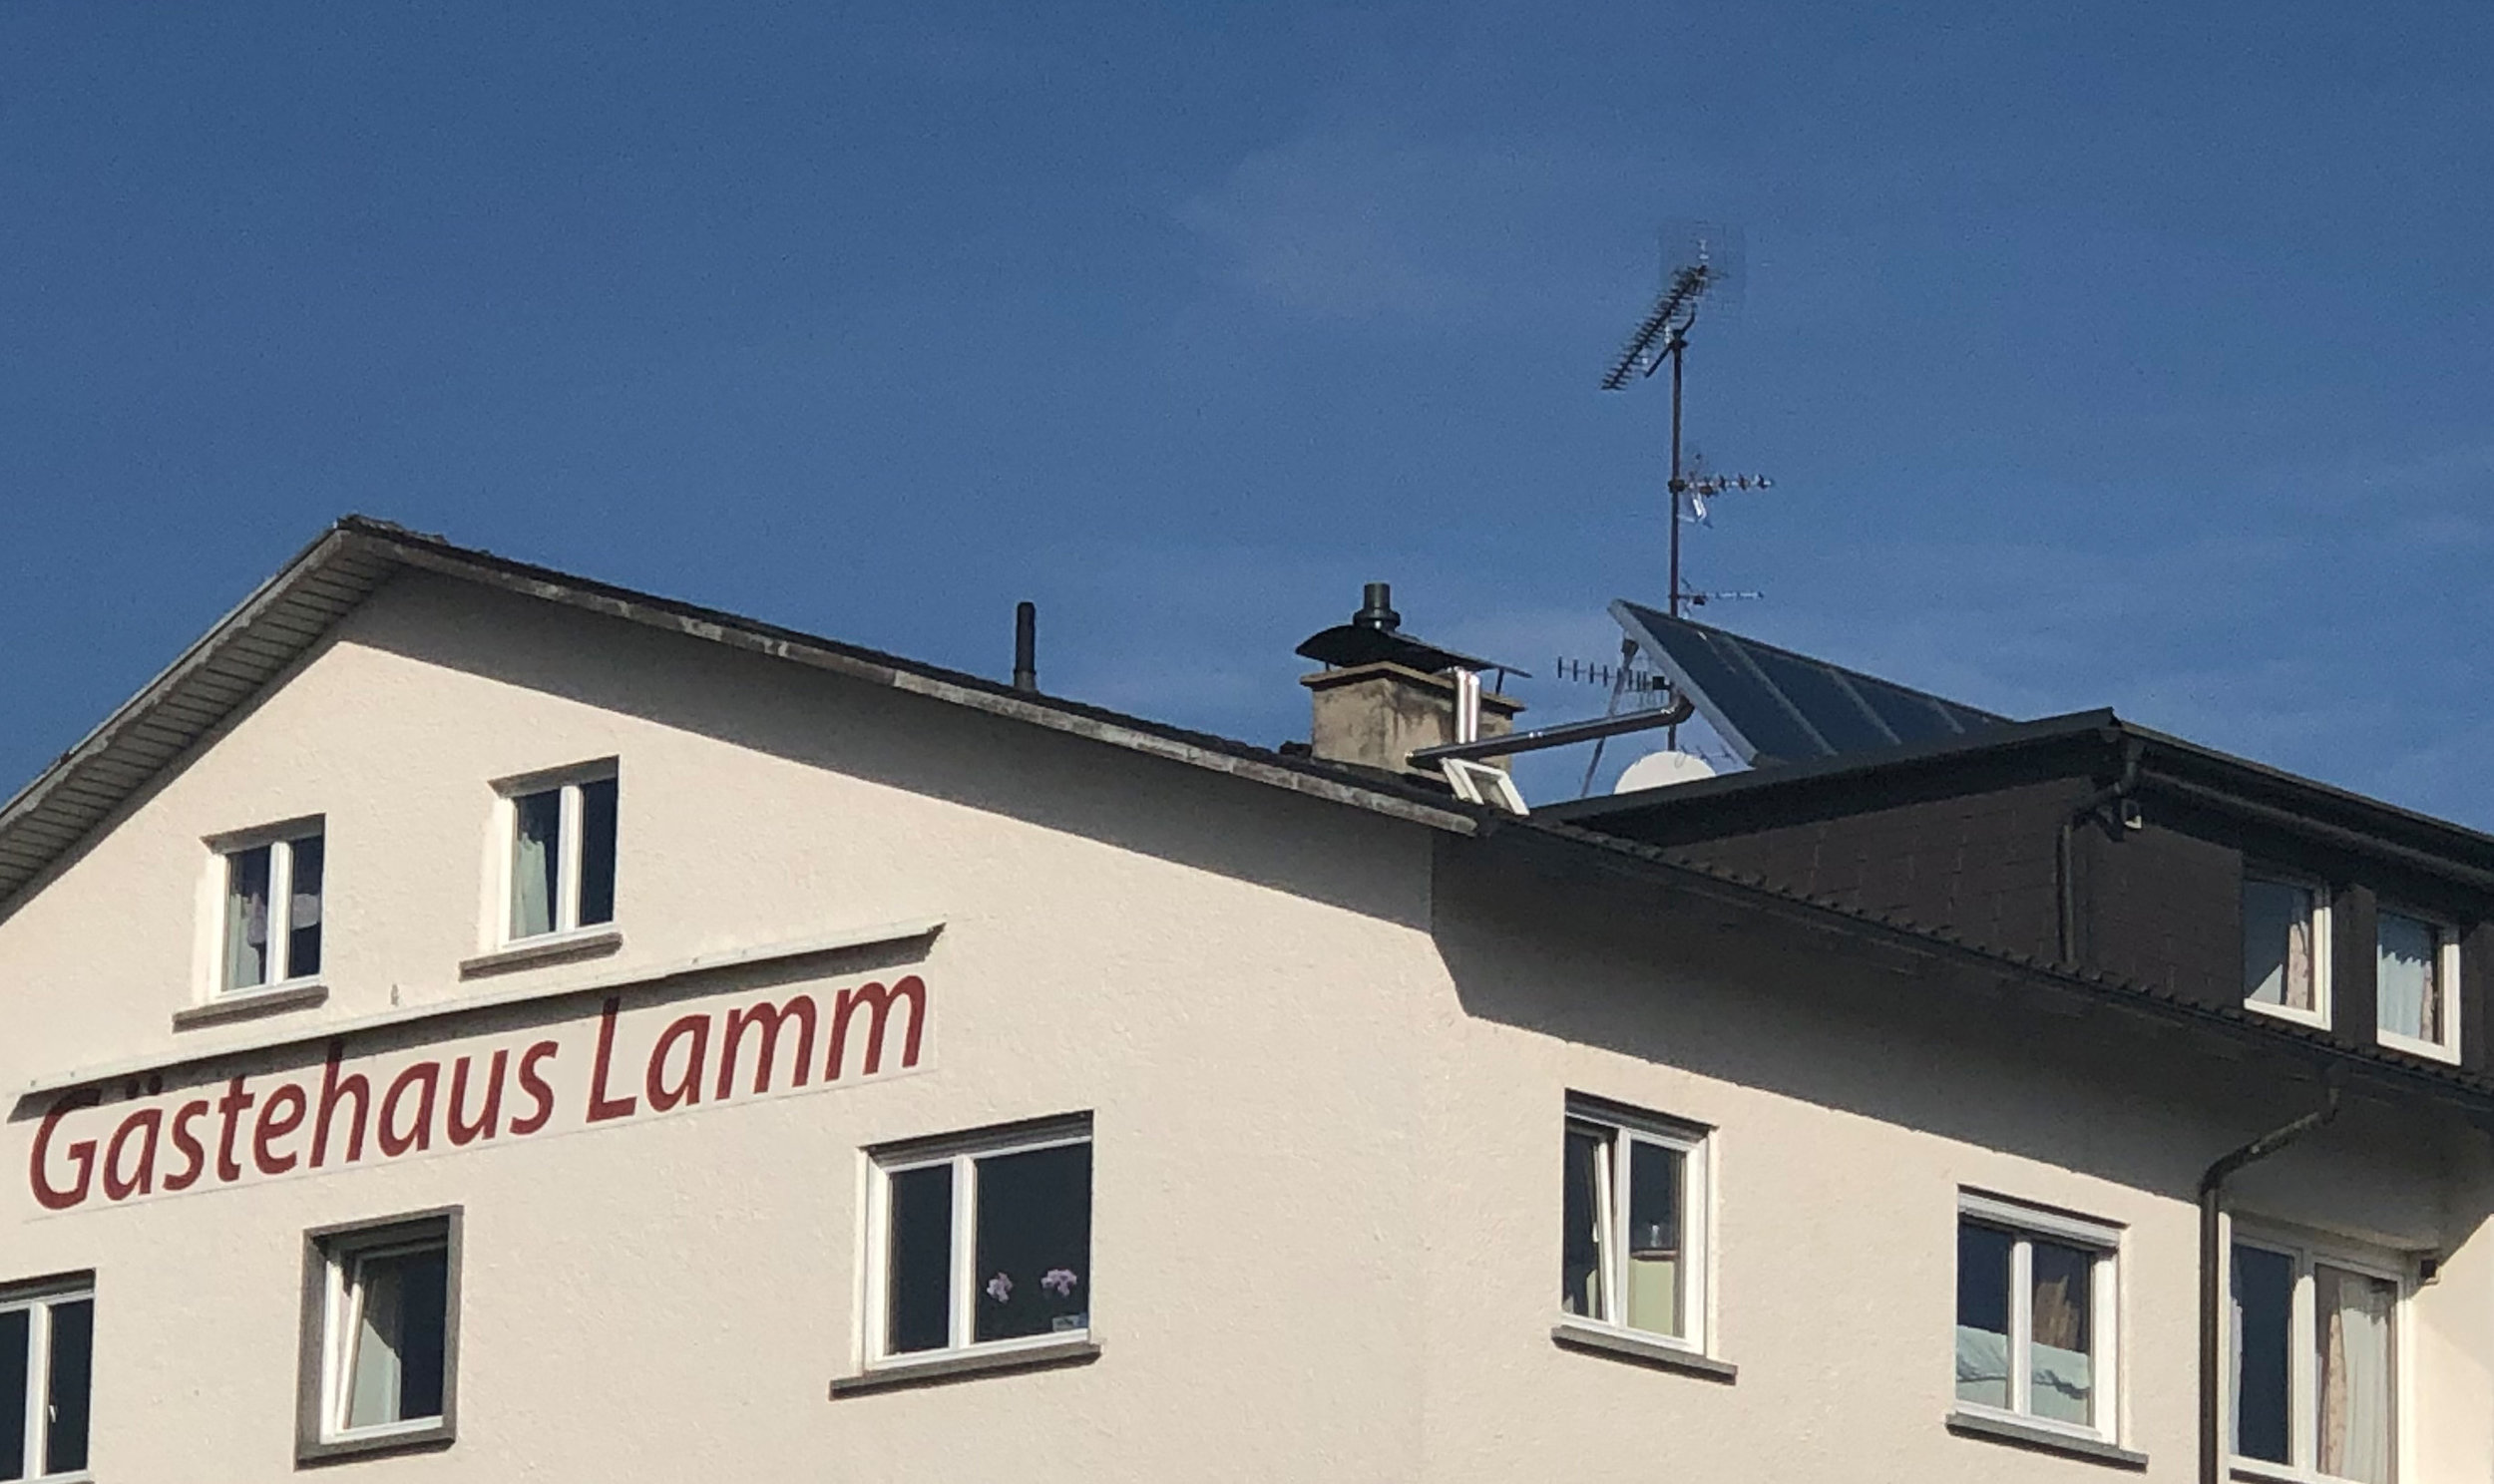 Gästehaus Lamm in Bregenz